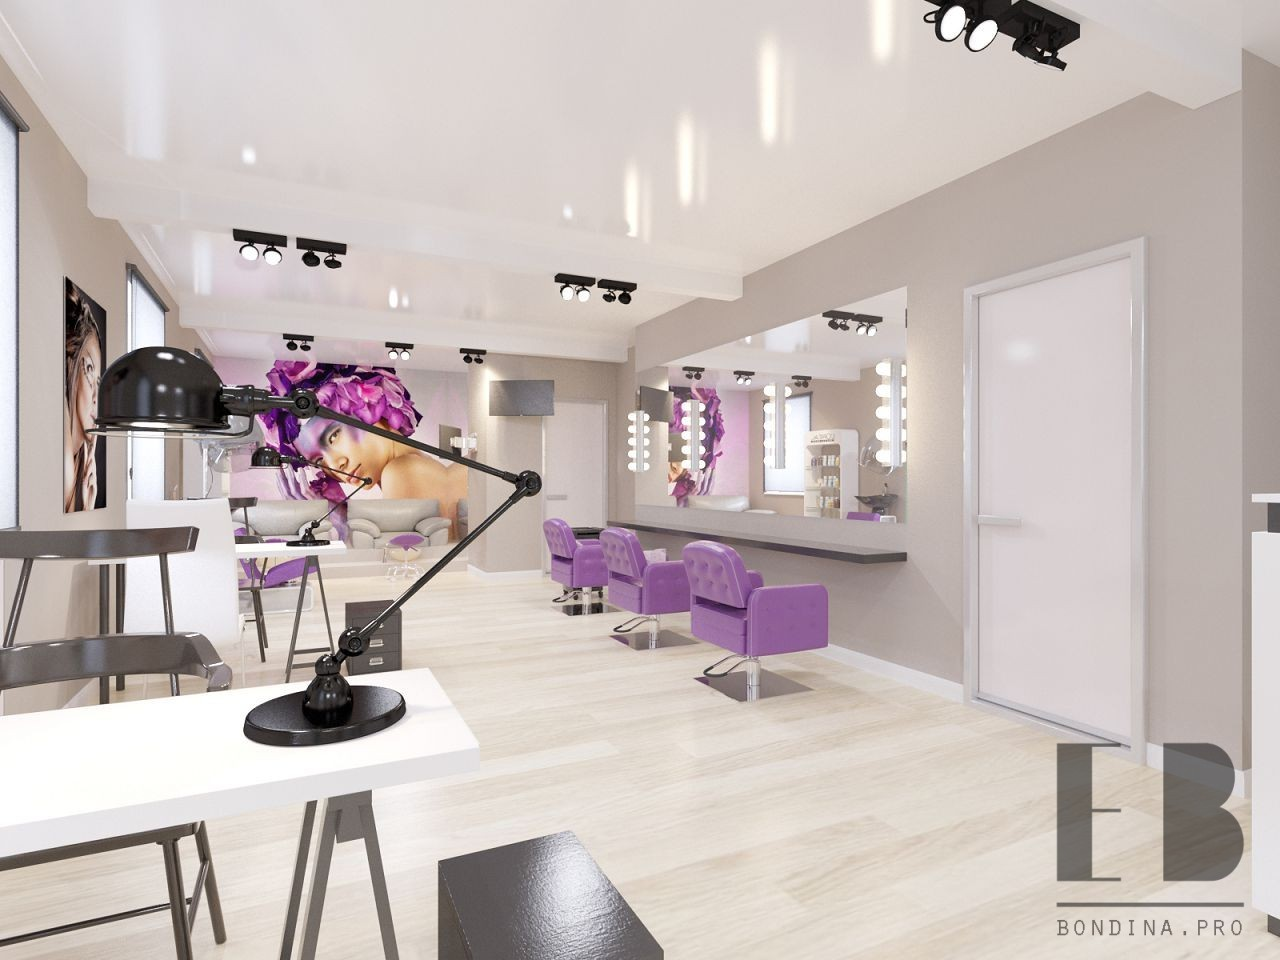 Beauty salon design in bright colors